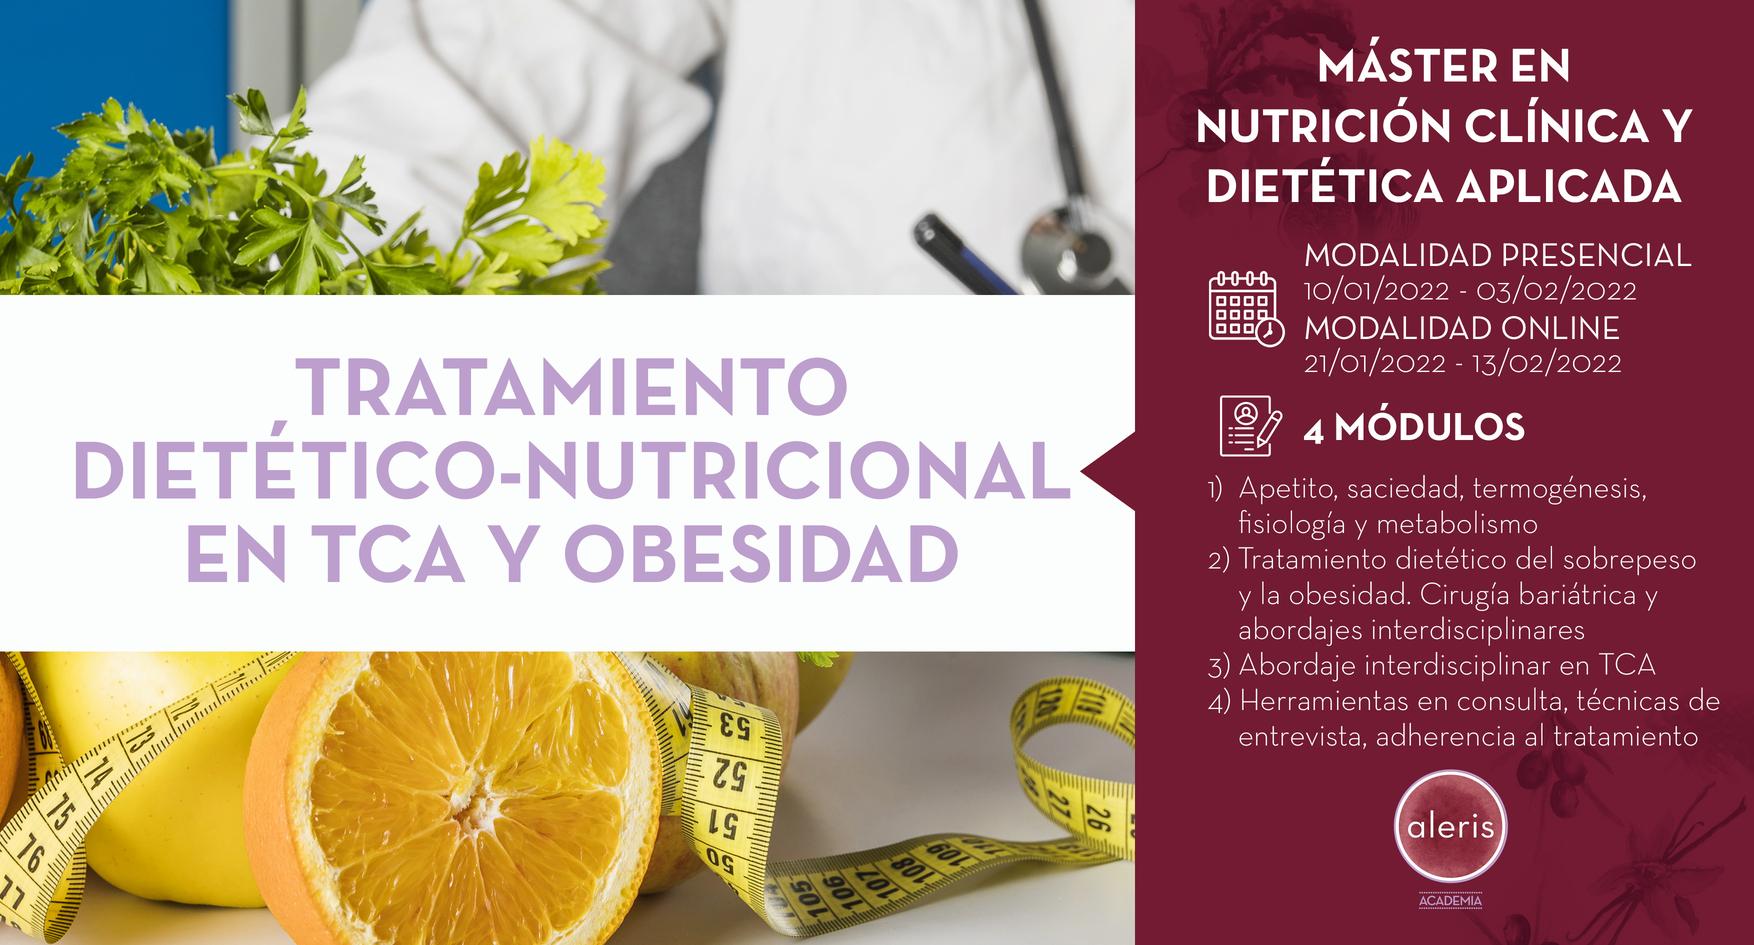 TRATAMIENTO DIETÉTICO-NUTRICIONAL EN TCA Y OBESIDAD